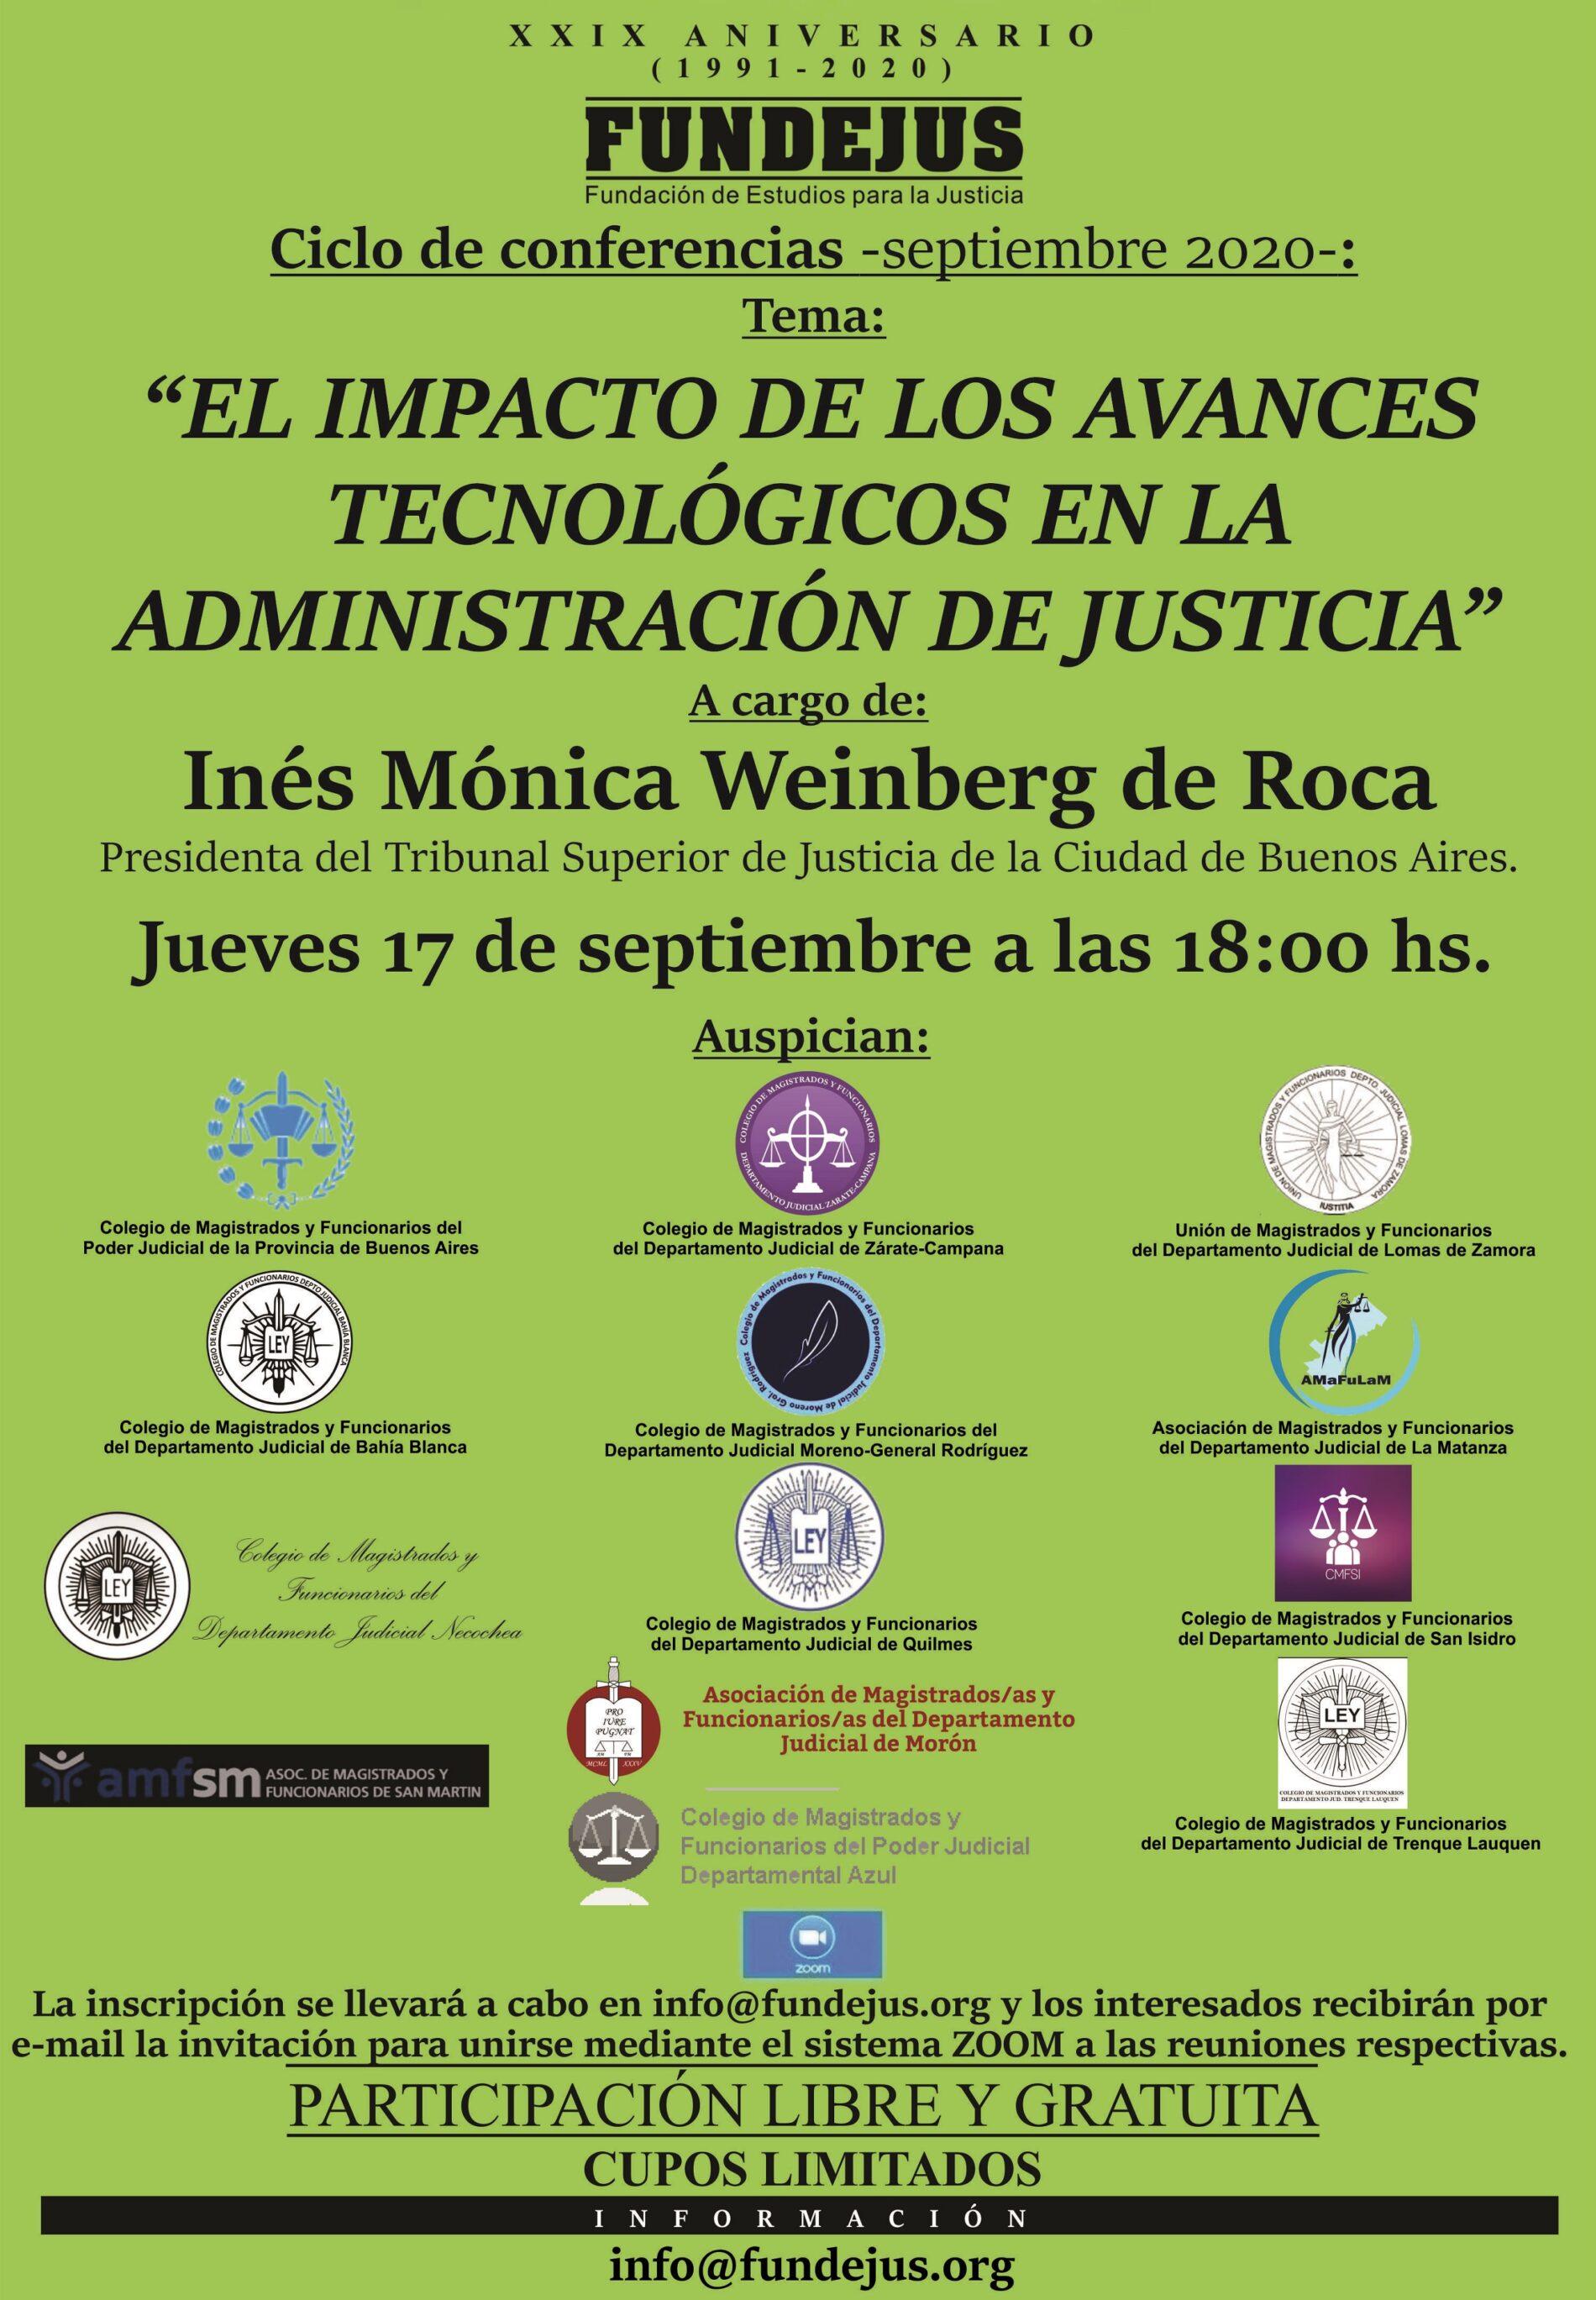 Próxima jornada 17/9: «El impacto de los avances tecnológicos en la administración de Justicia»